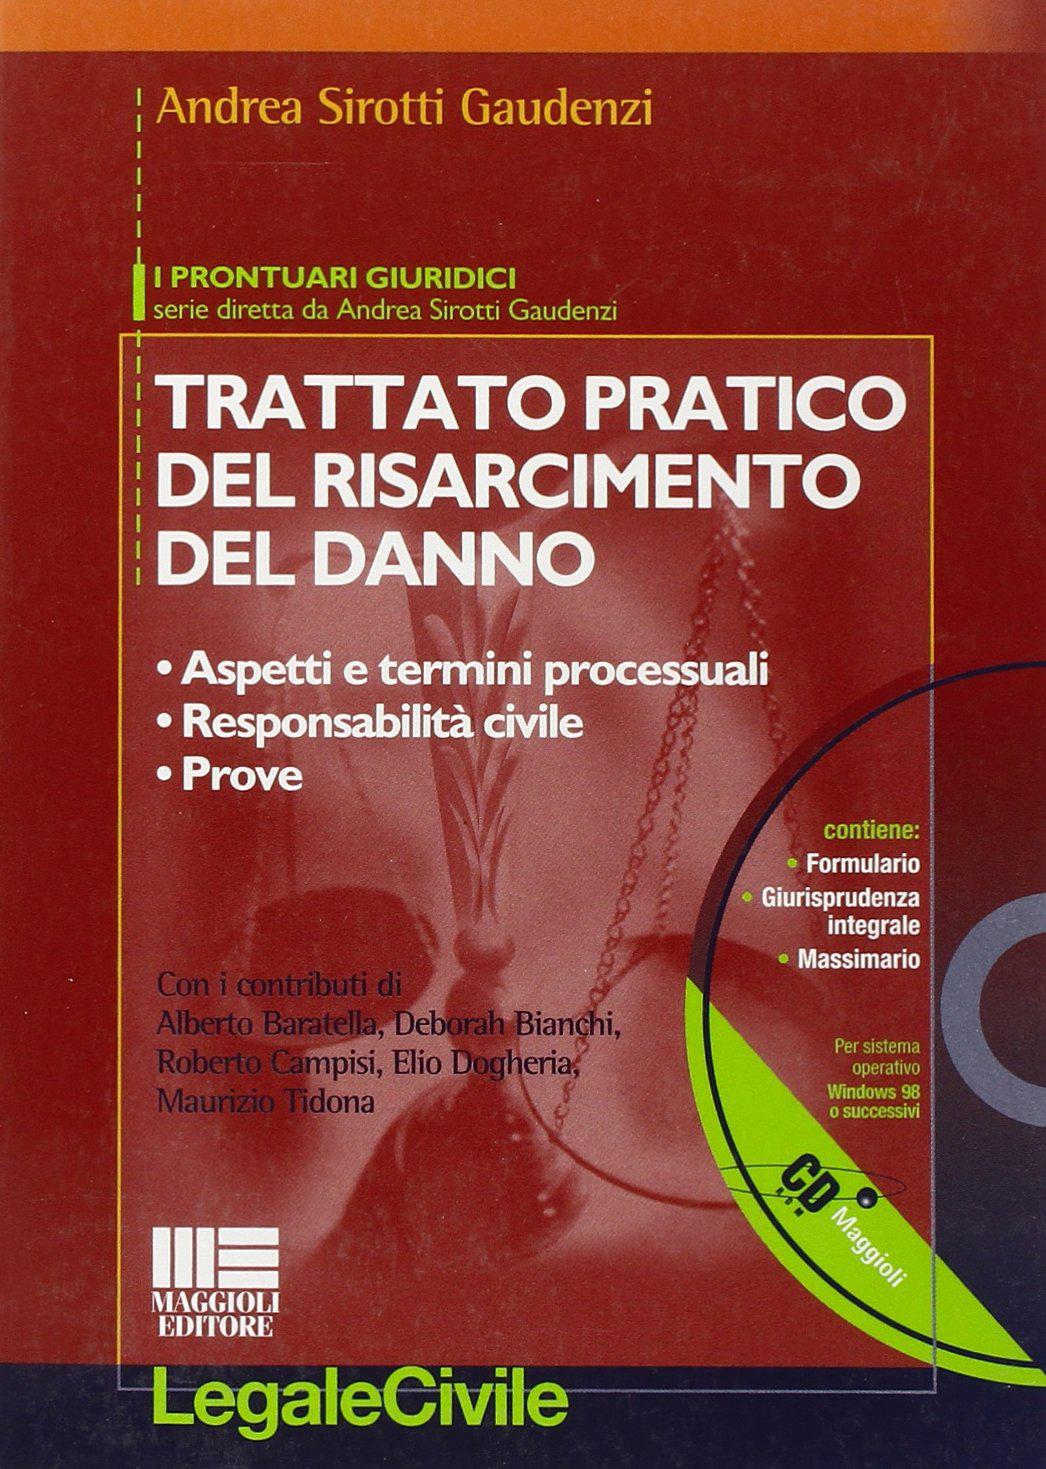 Trattato pratico del risarcimento del danno. Con CD-ROM